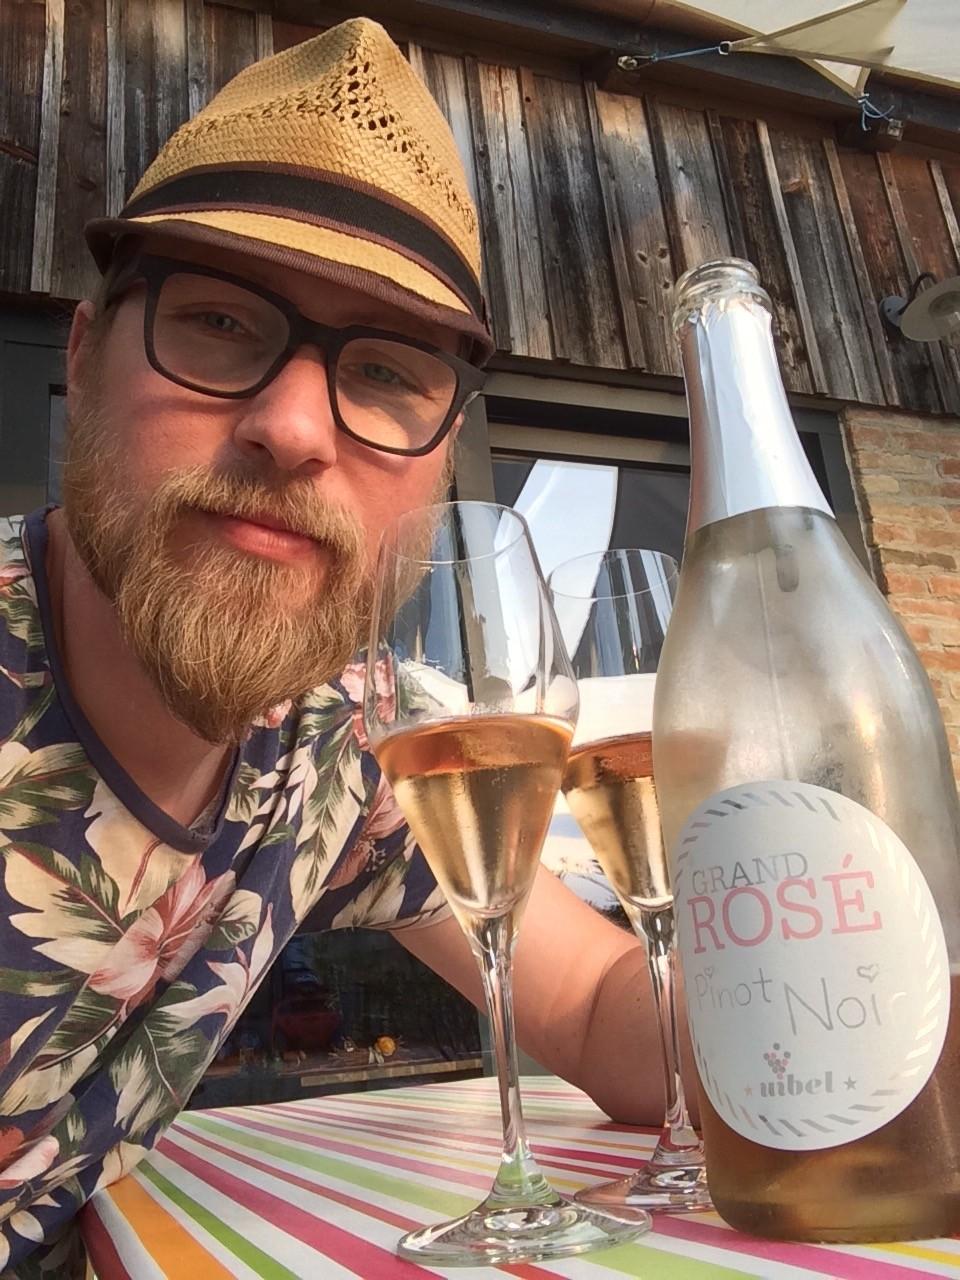 Feierabend mit Grand ROSE - Schaumwein